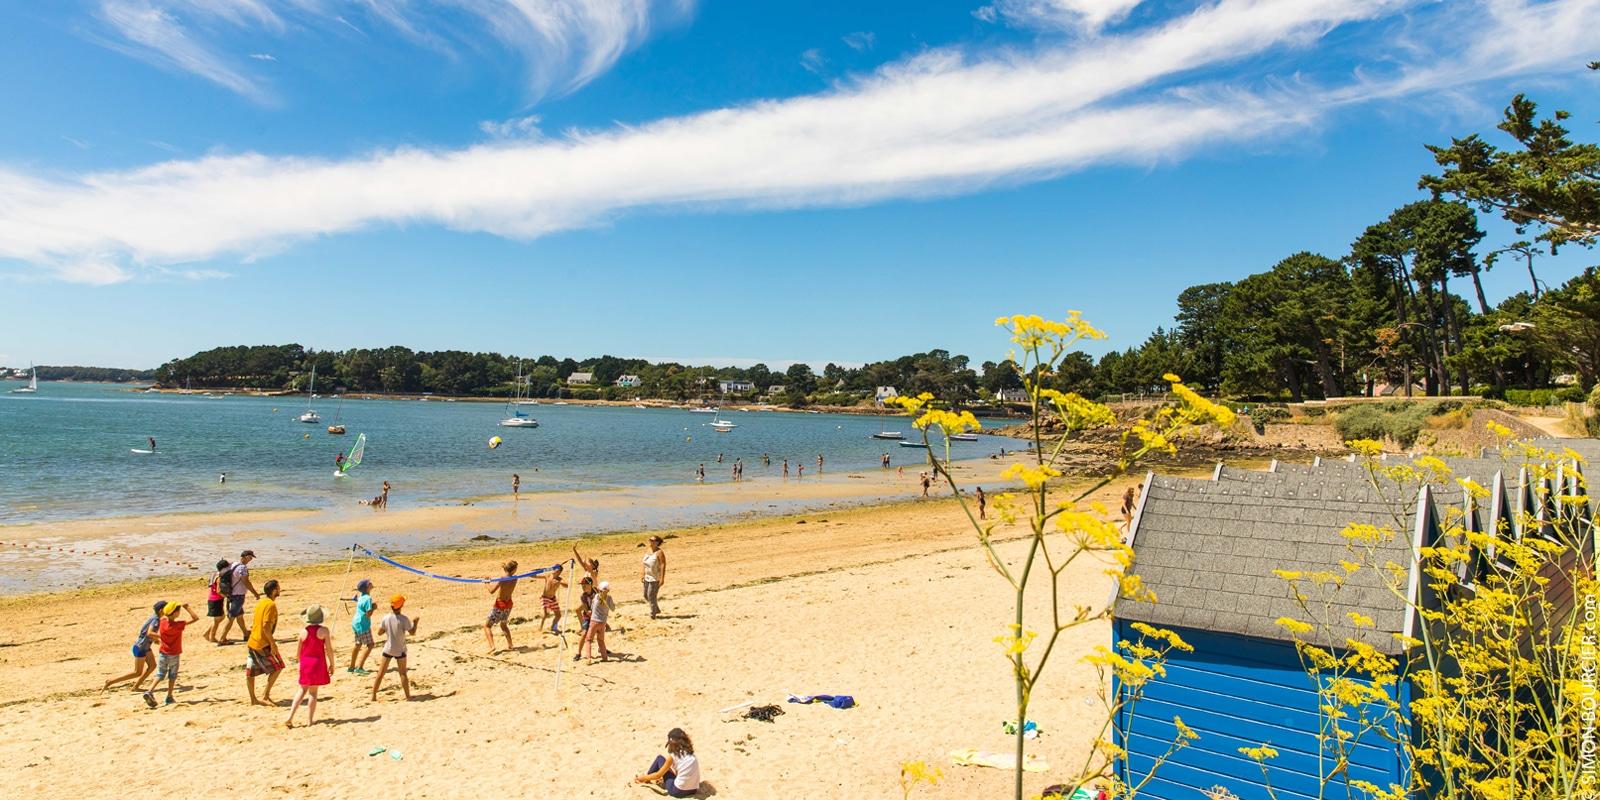 La Grande plage de l'île aux moines copyright Simon BOURCIER-Morbihan Tourisme